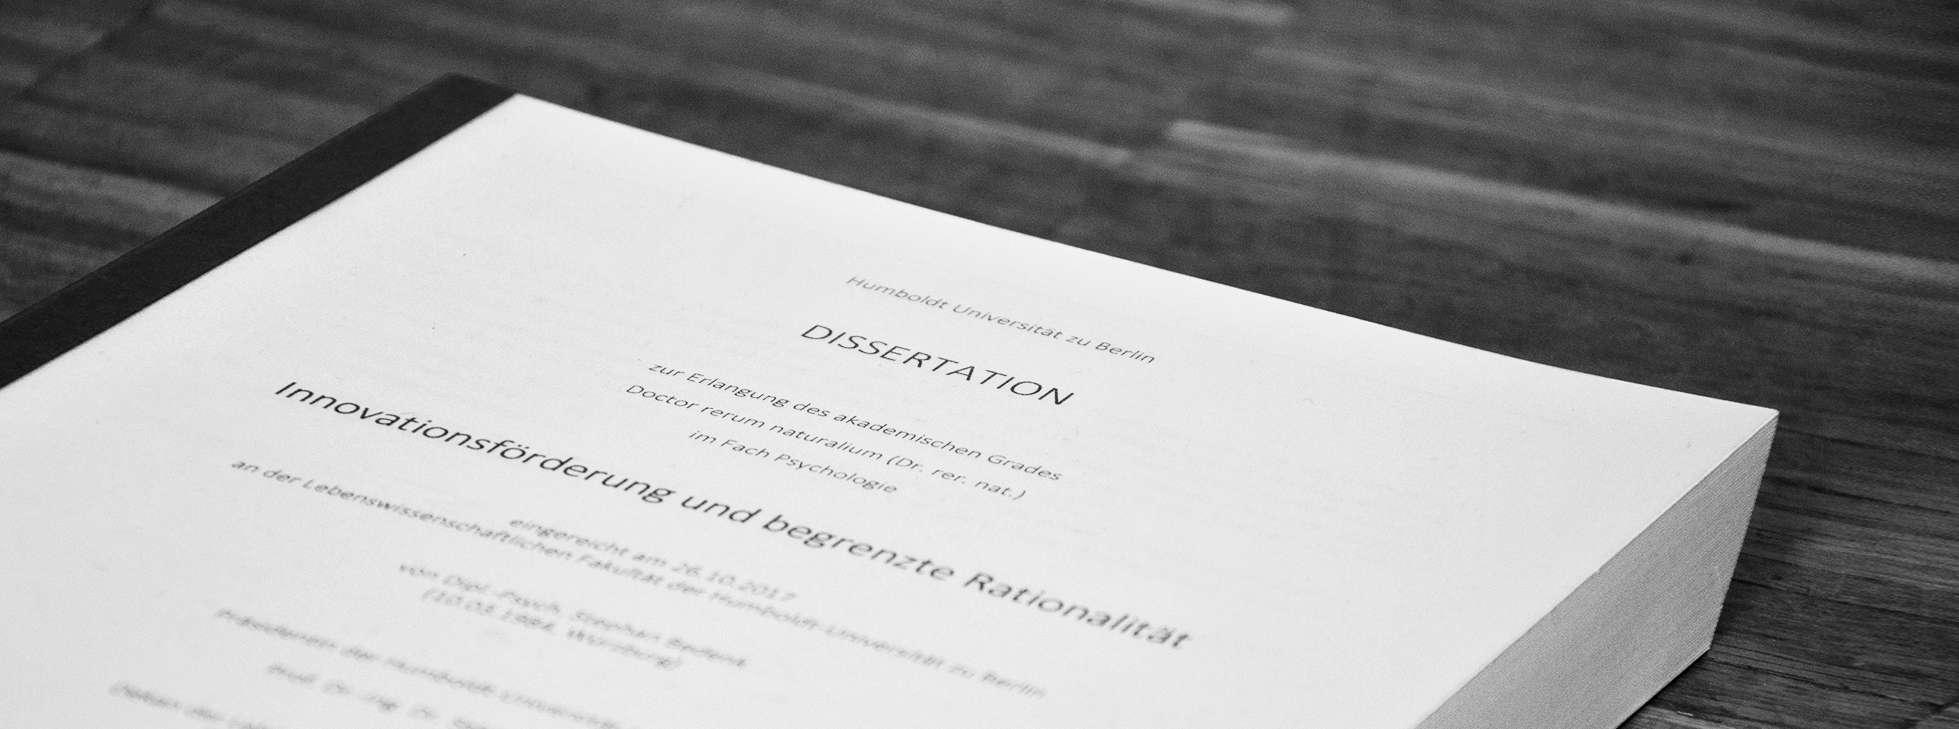 Dissertation Bedenk